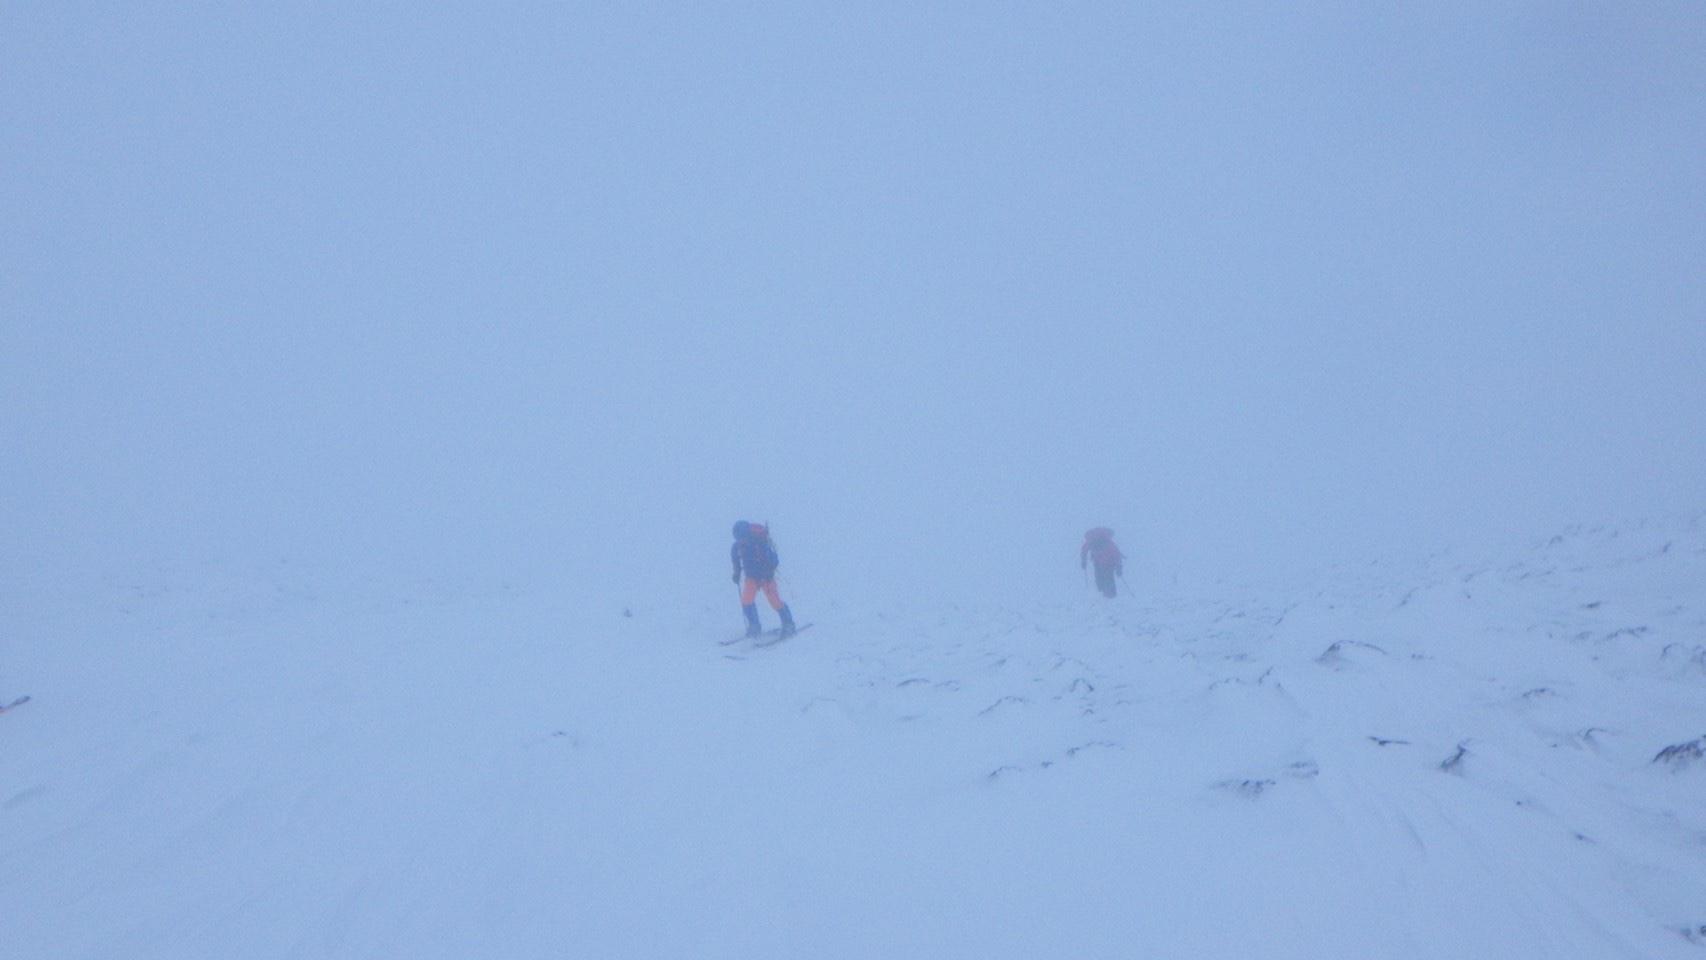 十勝岳で氷雪登山。_a0141678_23220220.jpg